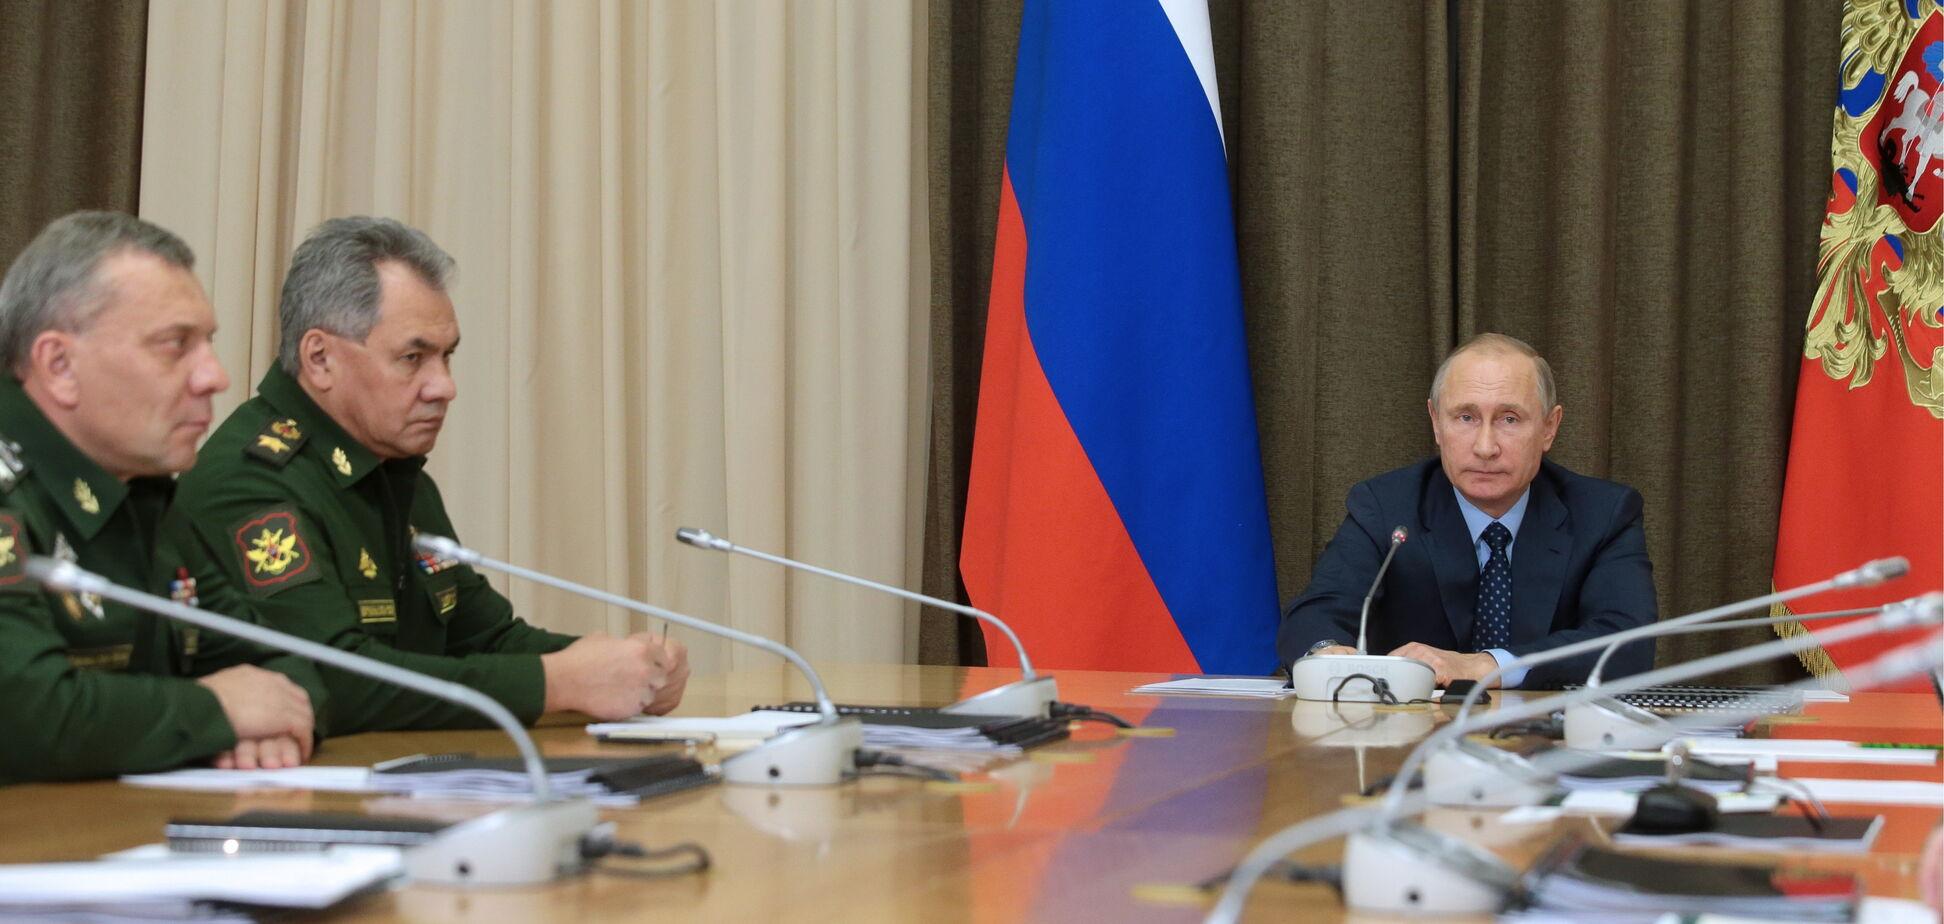 Путин помог КНДР обойти санкции: появилось объяснение России